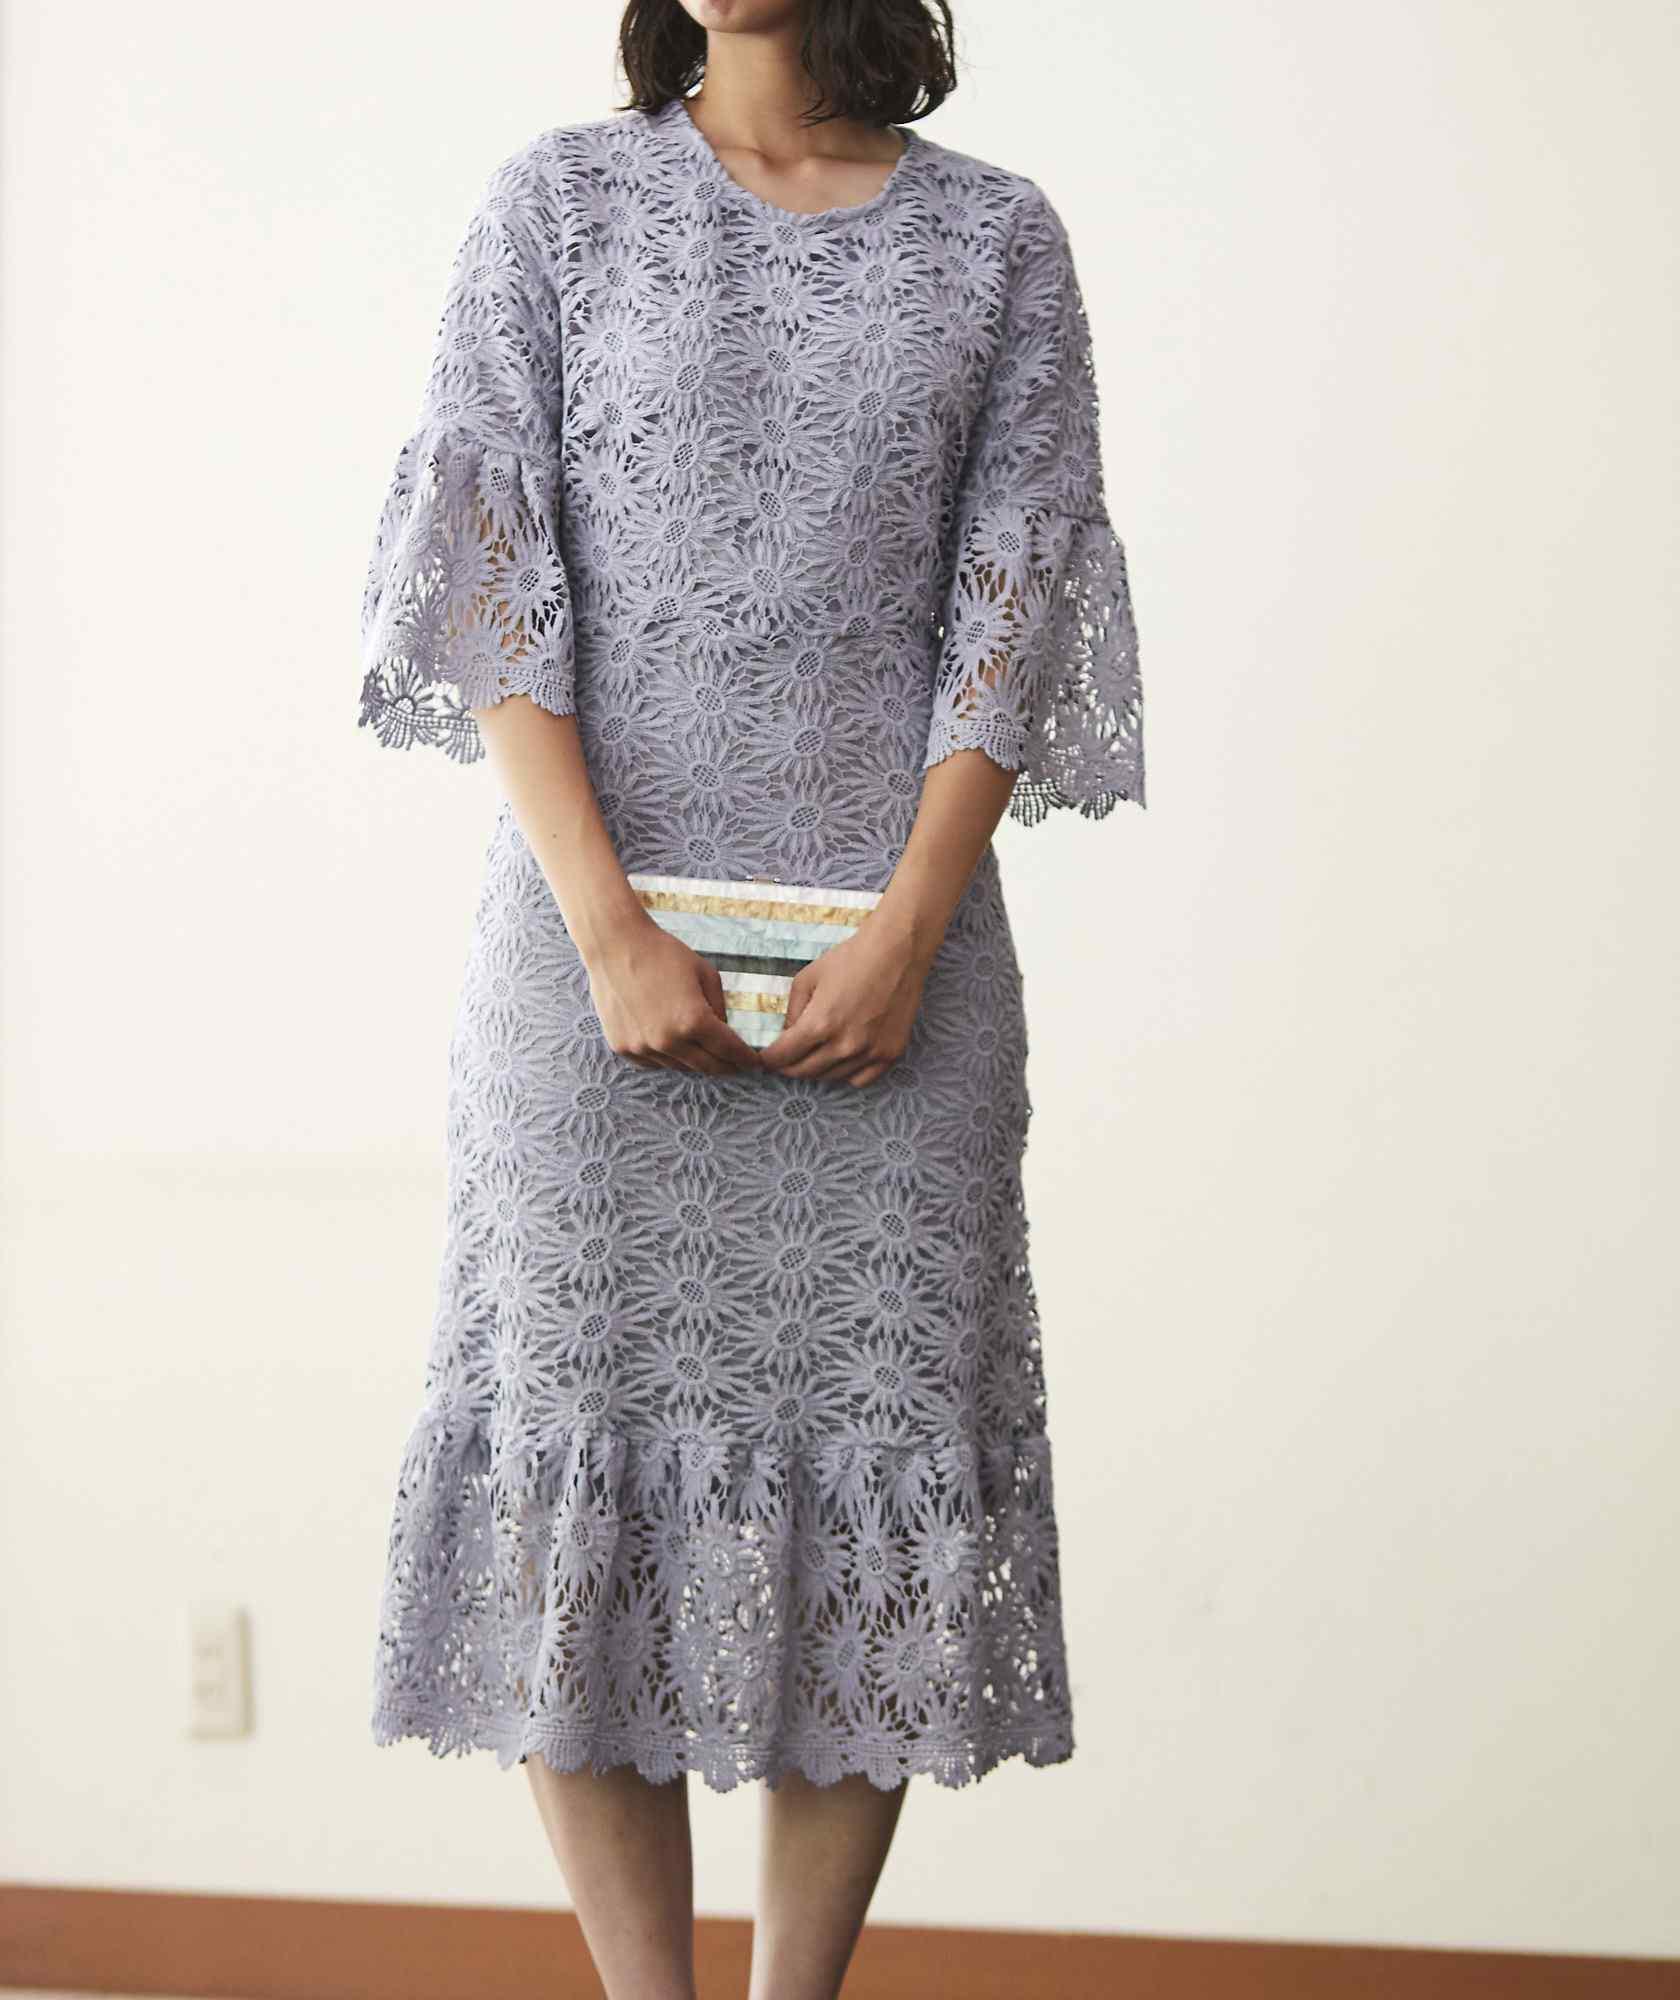 ブルーグレーフルレースミディアムドレス-グレー-M